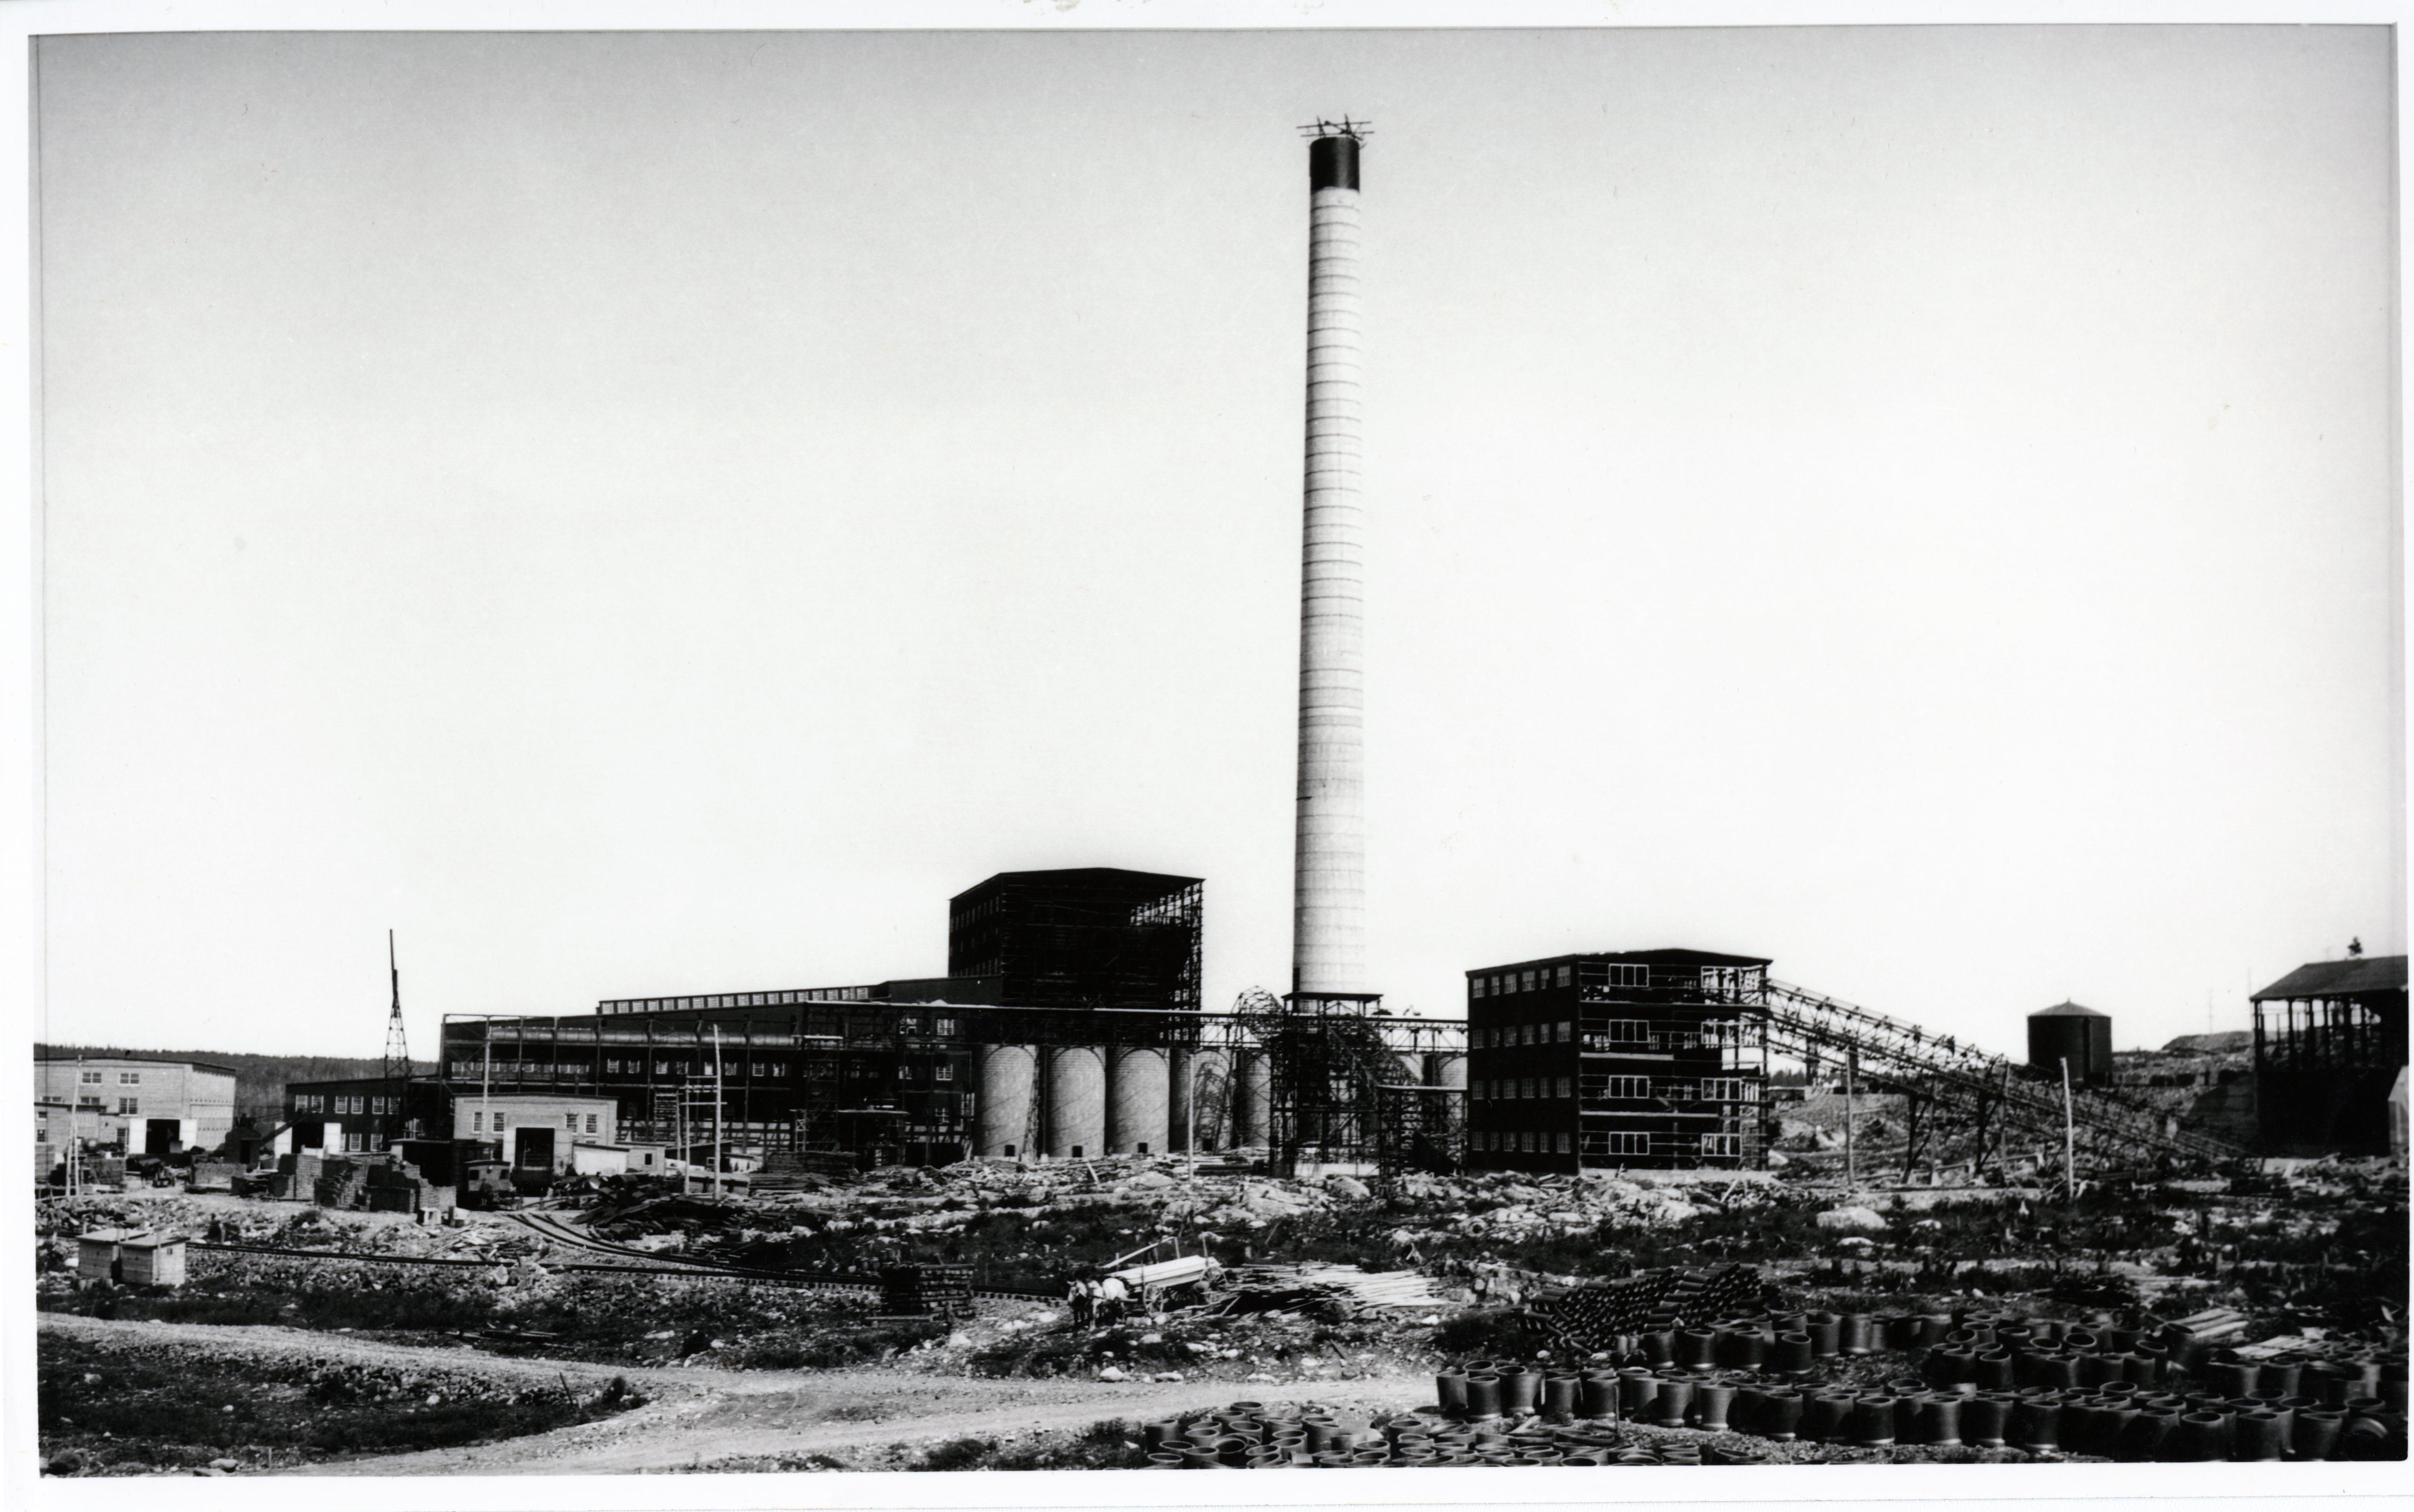 Photographie en noir et blanc de la construction de la fonderie Horne. Au centre, une cheminée et à l'avant-plan, plusieurs matériaux de construction étalés un peu partout.